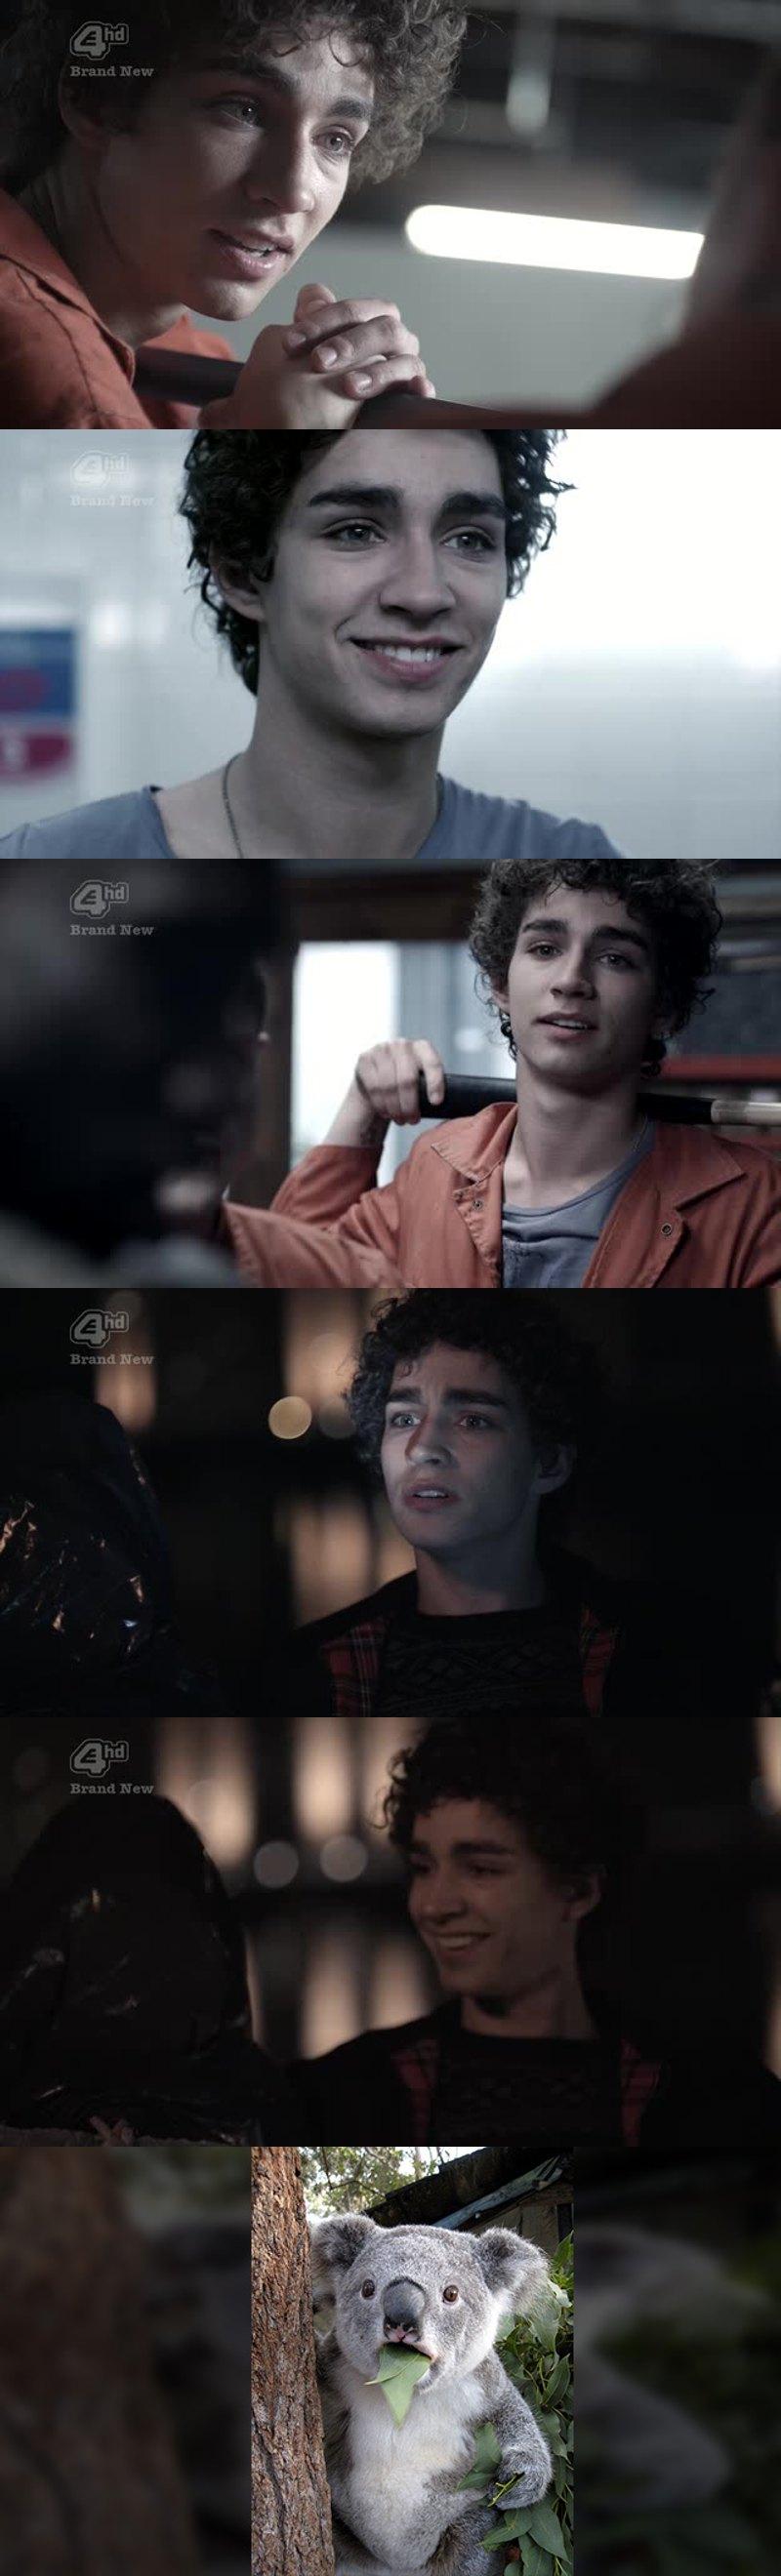 Nathan est bcp trop mignon j'arrive pas me faire concentrer sur les autres personnages...